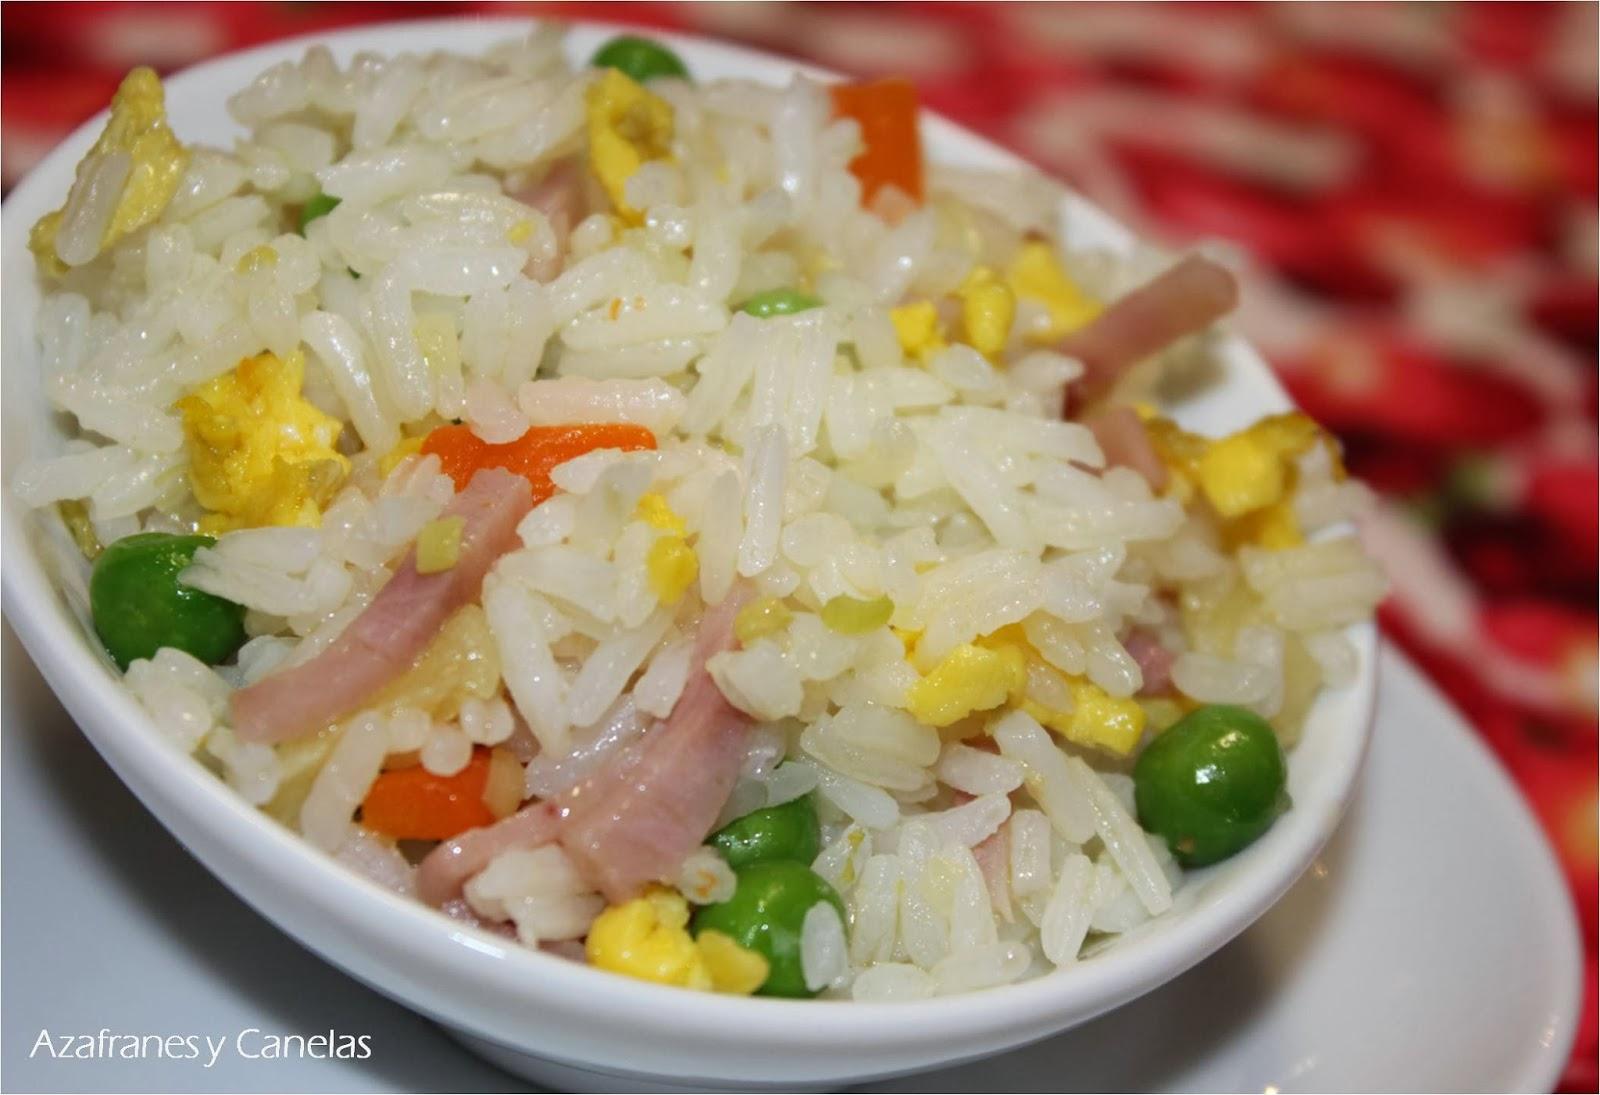 Arroz tres delicias azafranes y canelas for Cocinar arroz 3 delicias